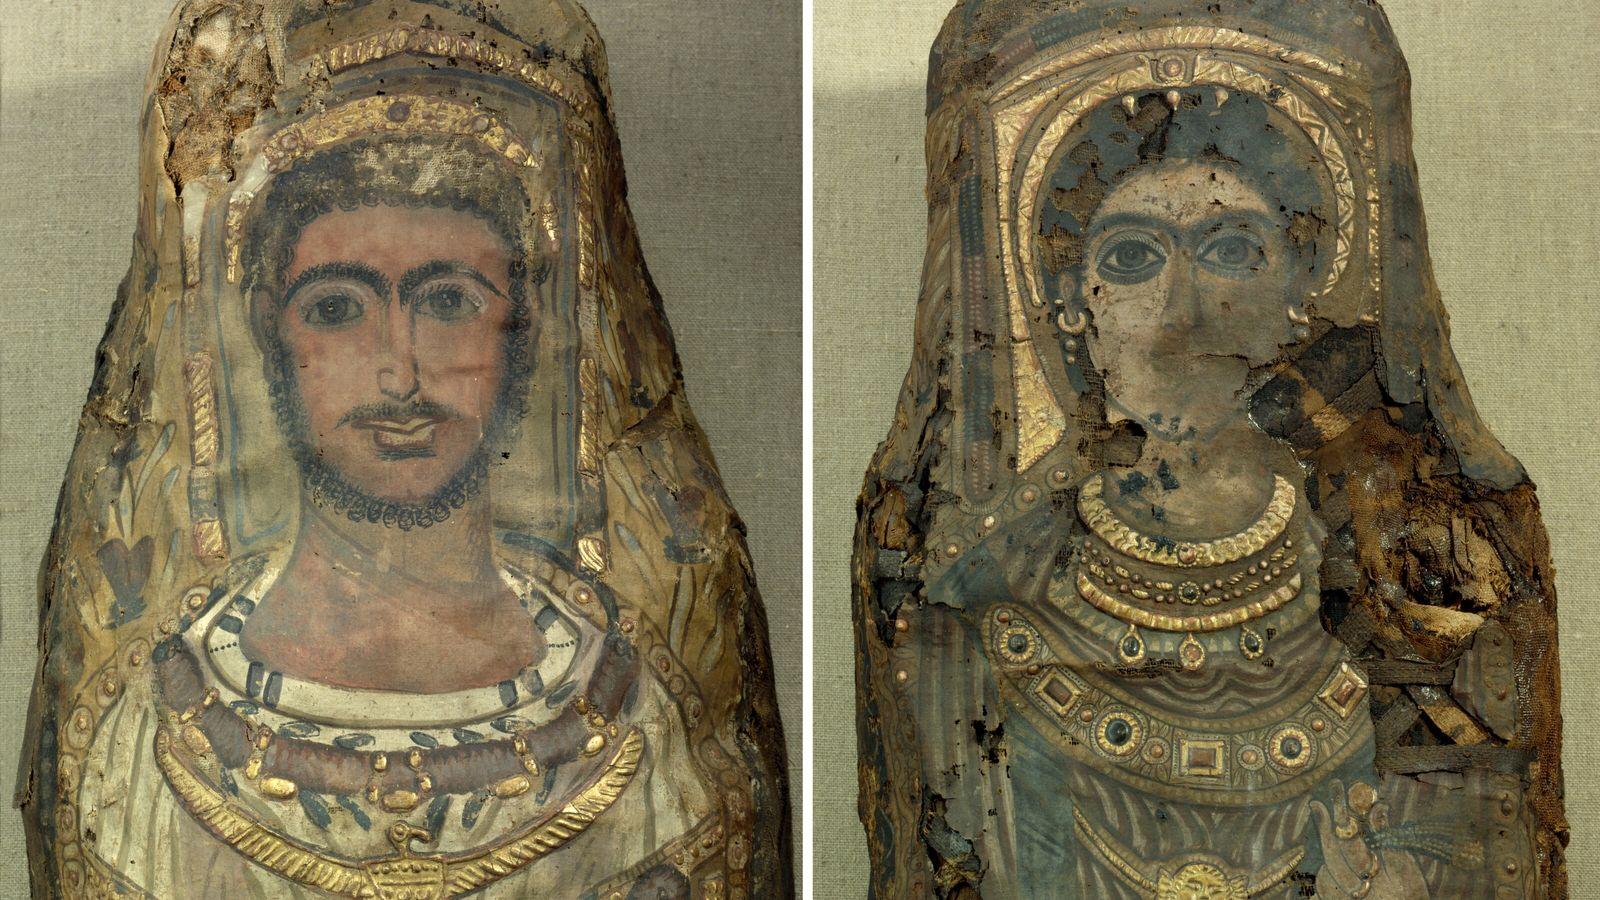 Vue détaillée des portraits et des bijoux représentés sur les linceuls des momies. À gauche momie d'un homme ...